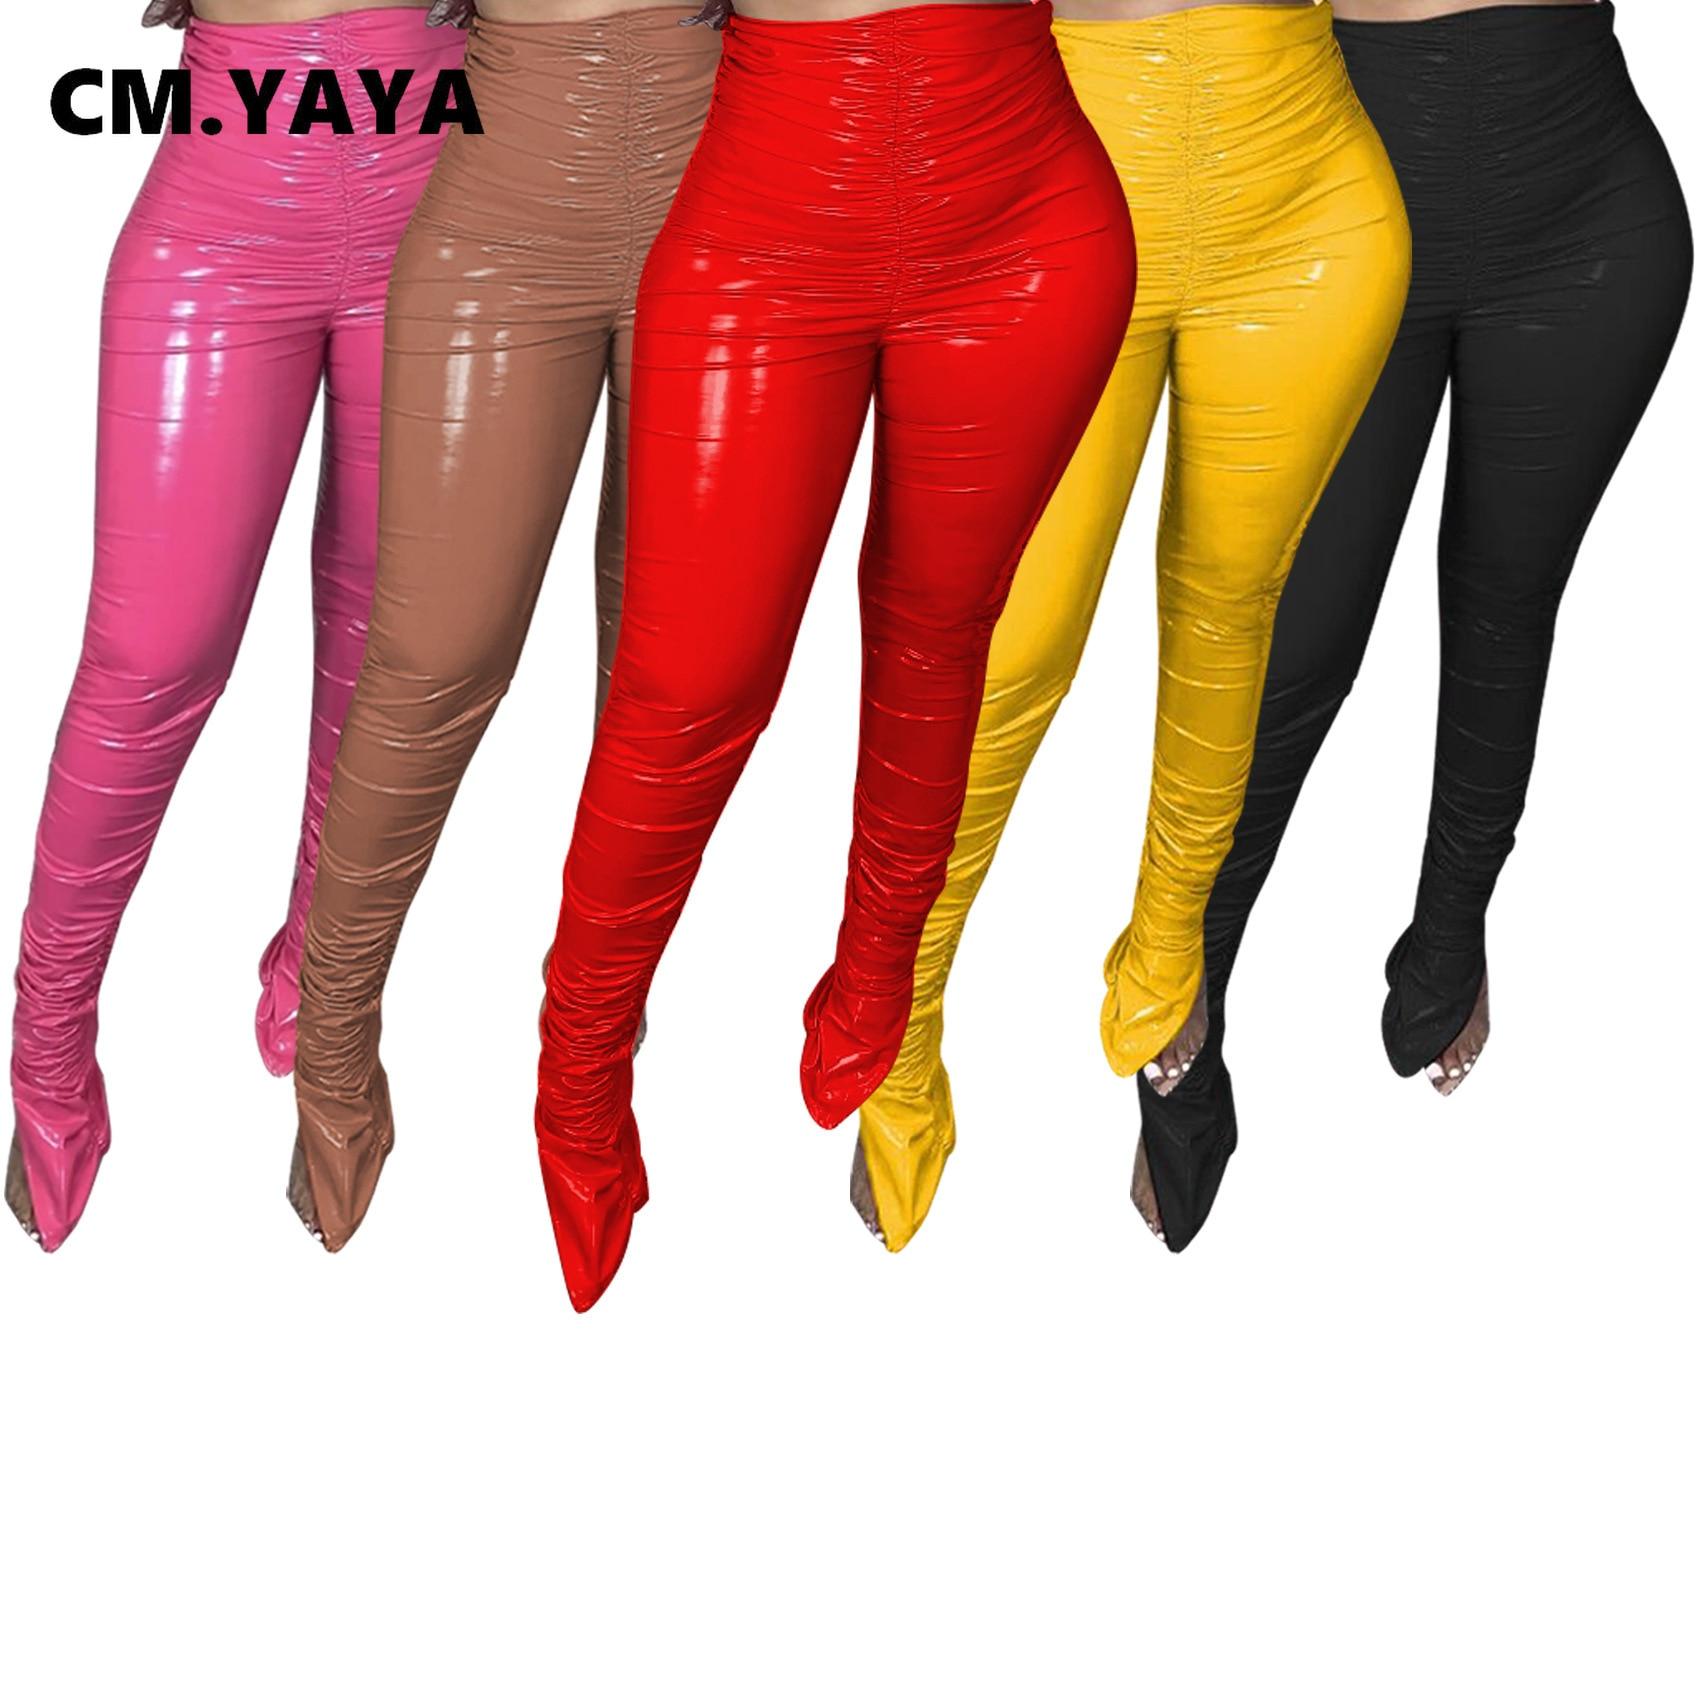 CM.YAYA – pantalon en Faux cuir pour femme, vêtement de rue, brillant, froncé, taille haute, vêtements de sport, fente PU, survêtement, automne hiver